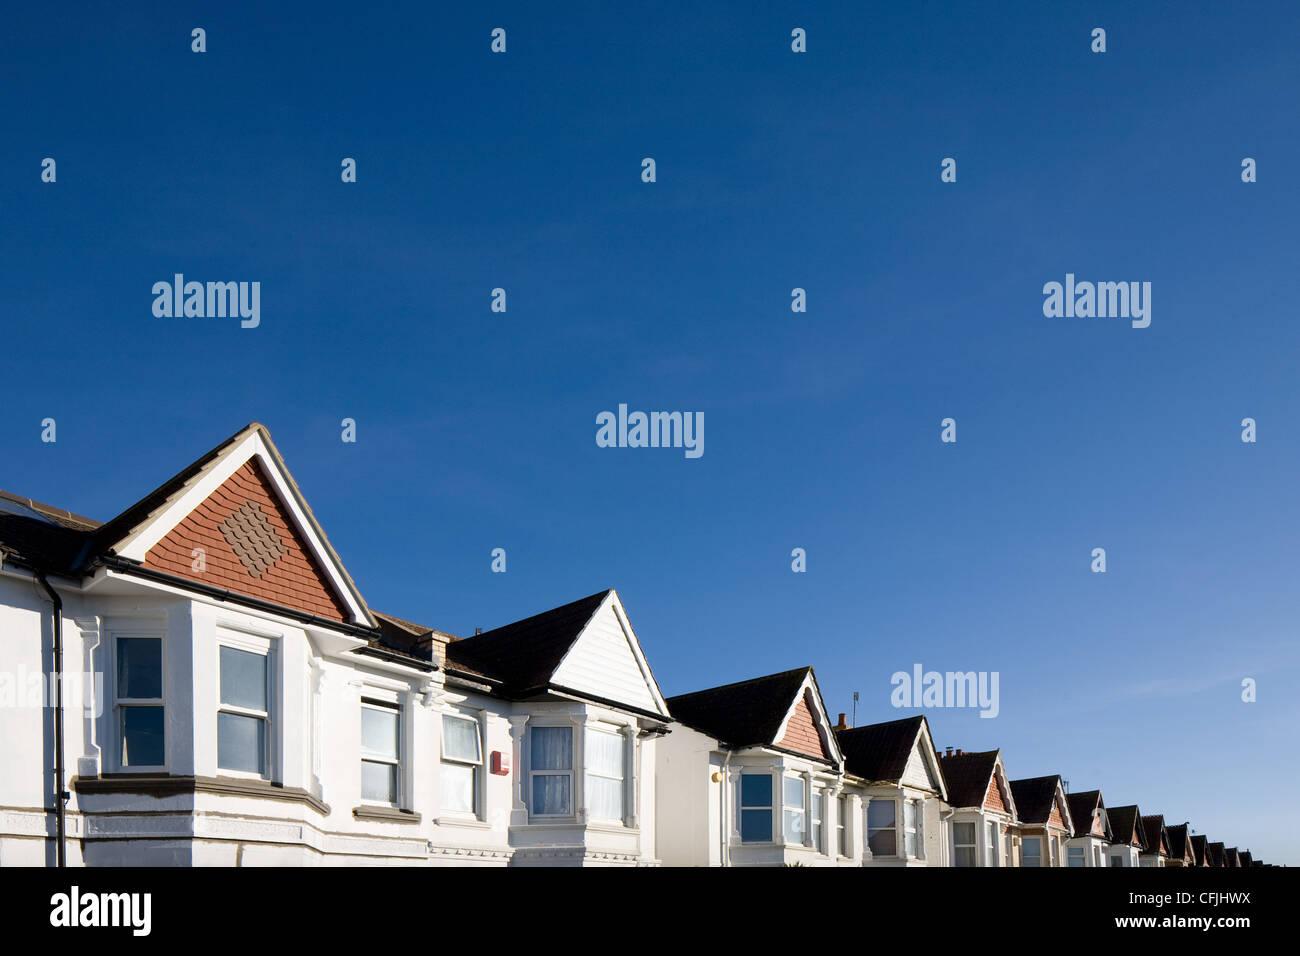 Maisons et ciel bleu Photo Stock